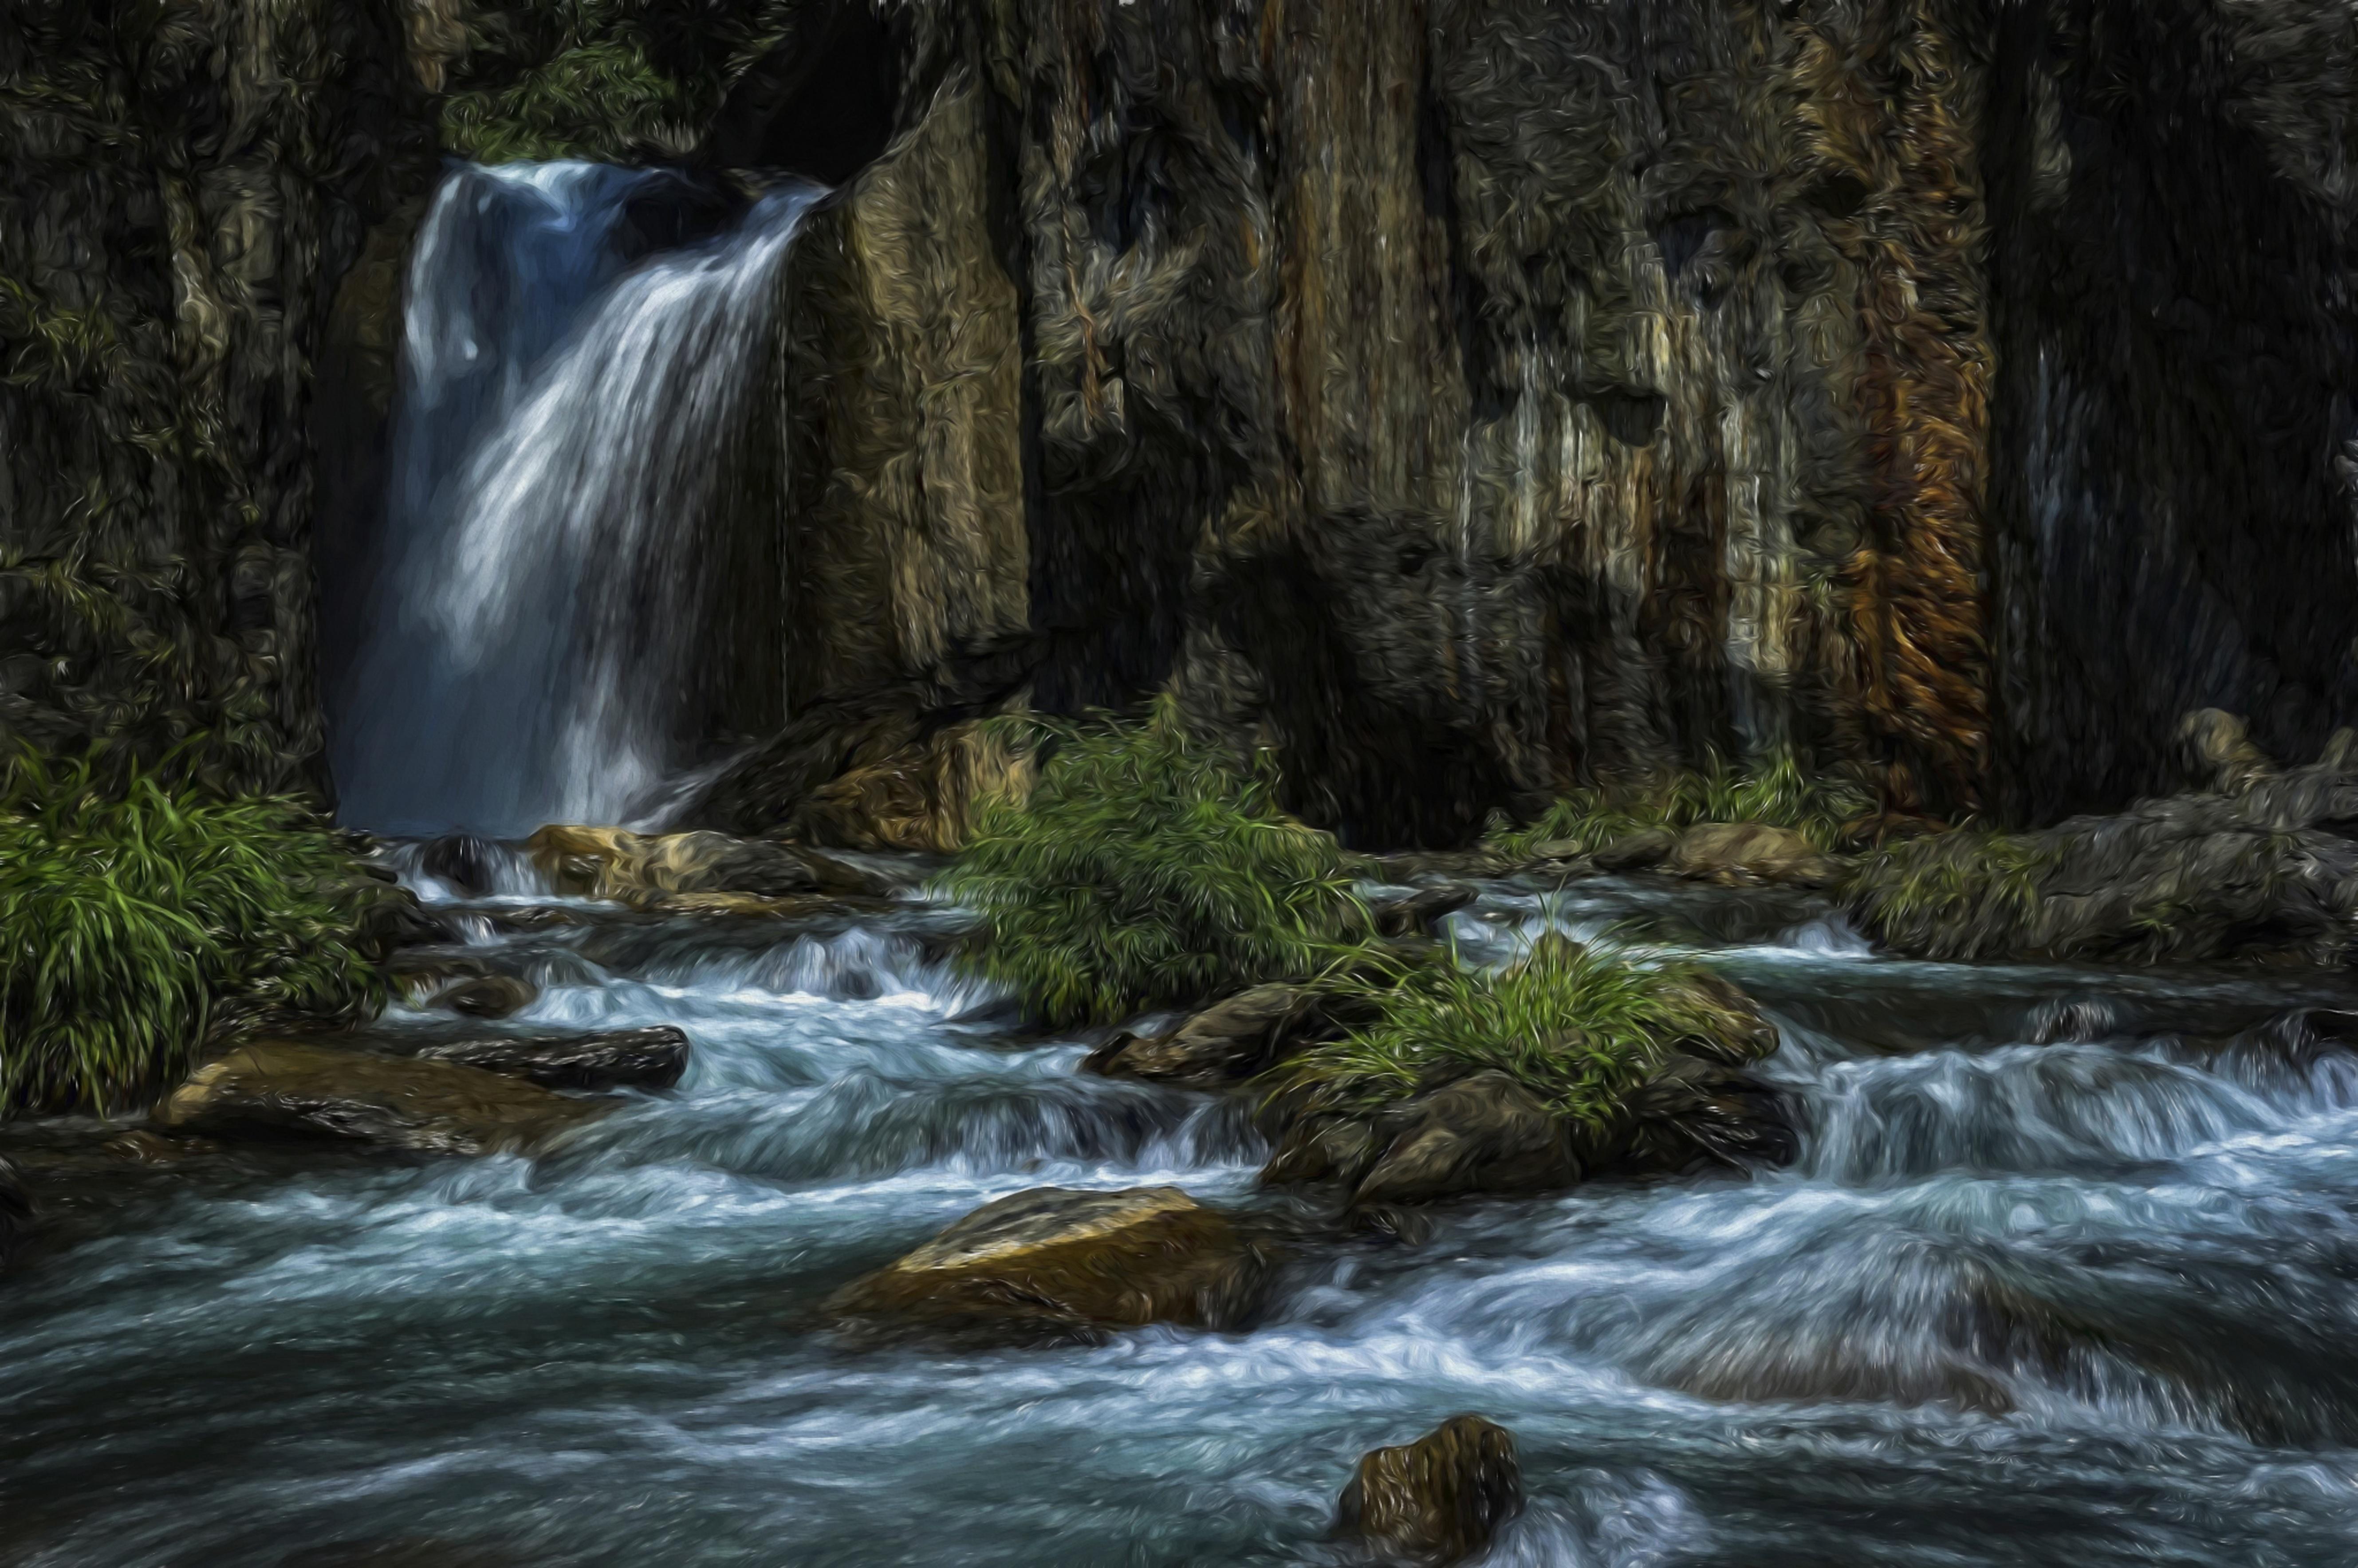 Gambar Pemandangan Alam Hutan Batu Air Terjun Sungai Kecil